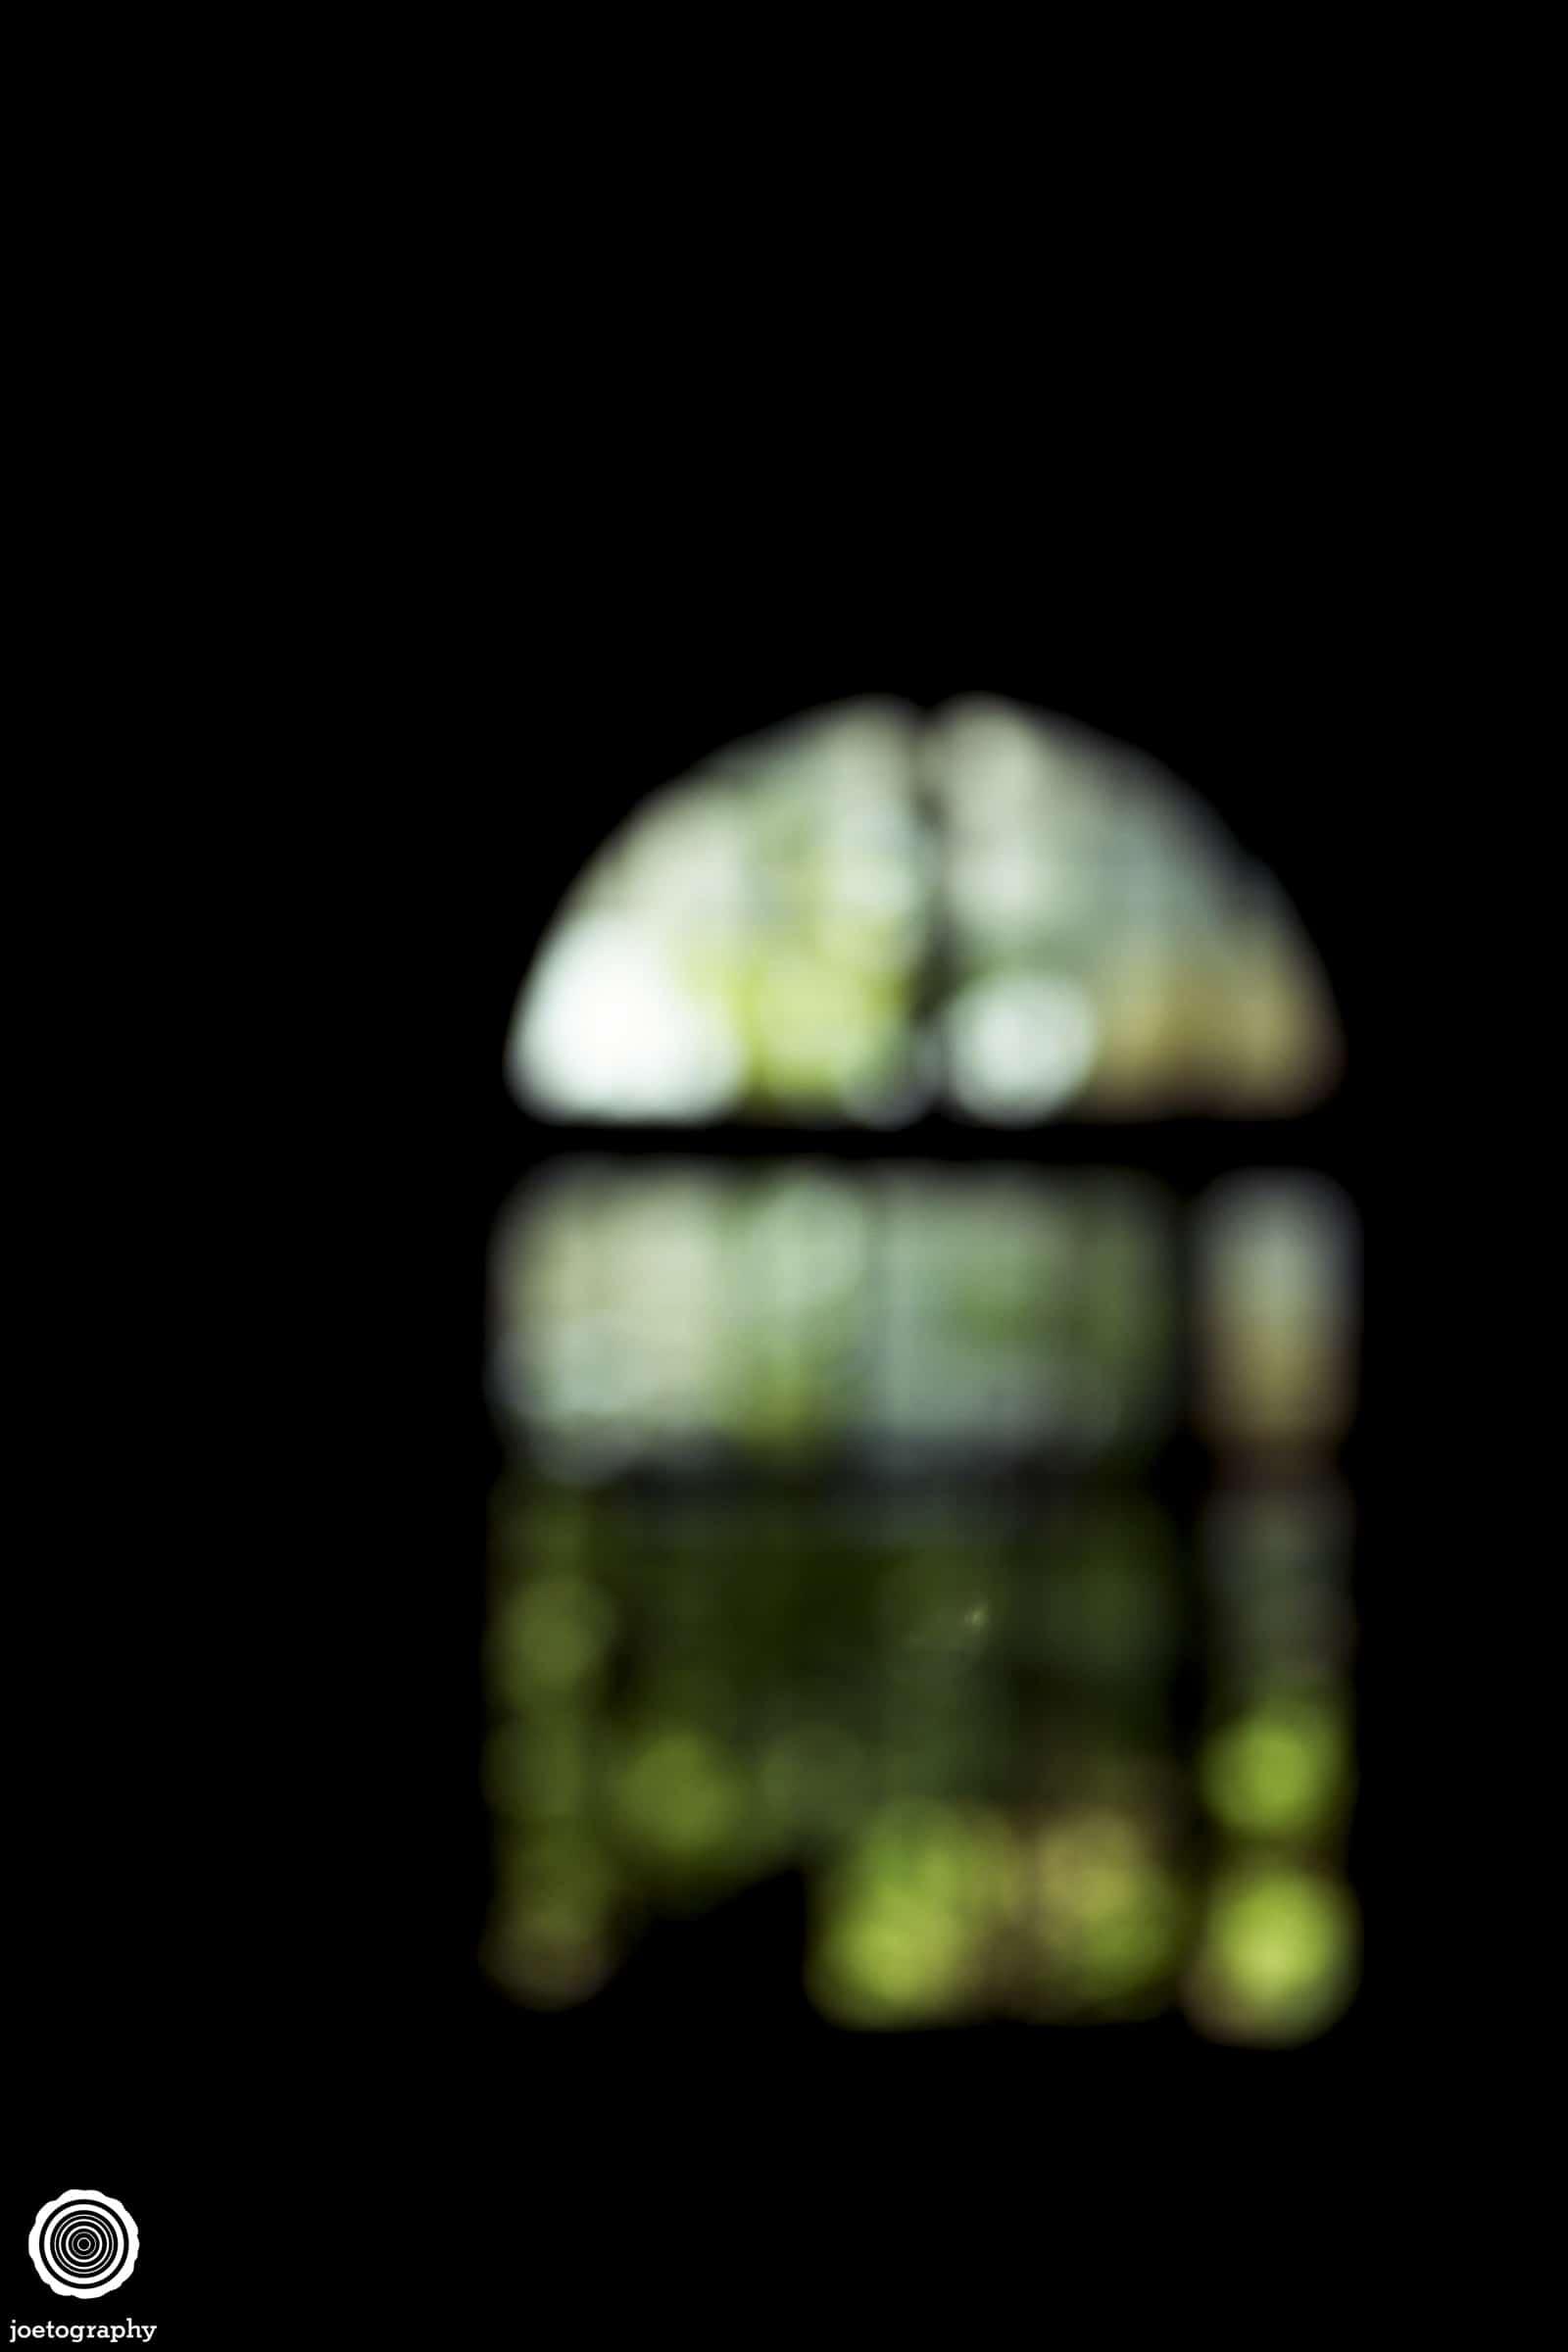 joetography-travel-photography-bethlehem-steel-pennsylvania-2015-3